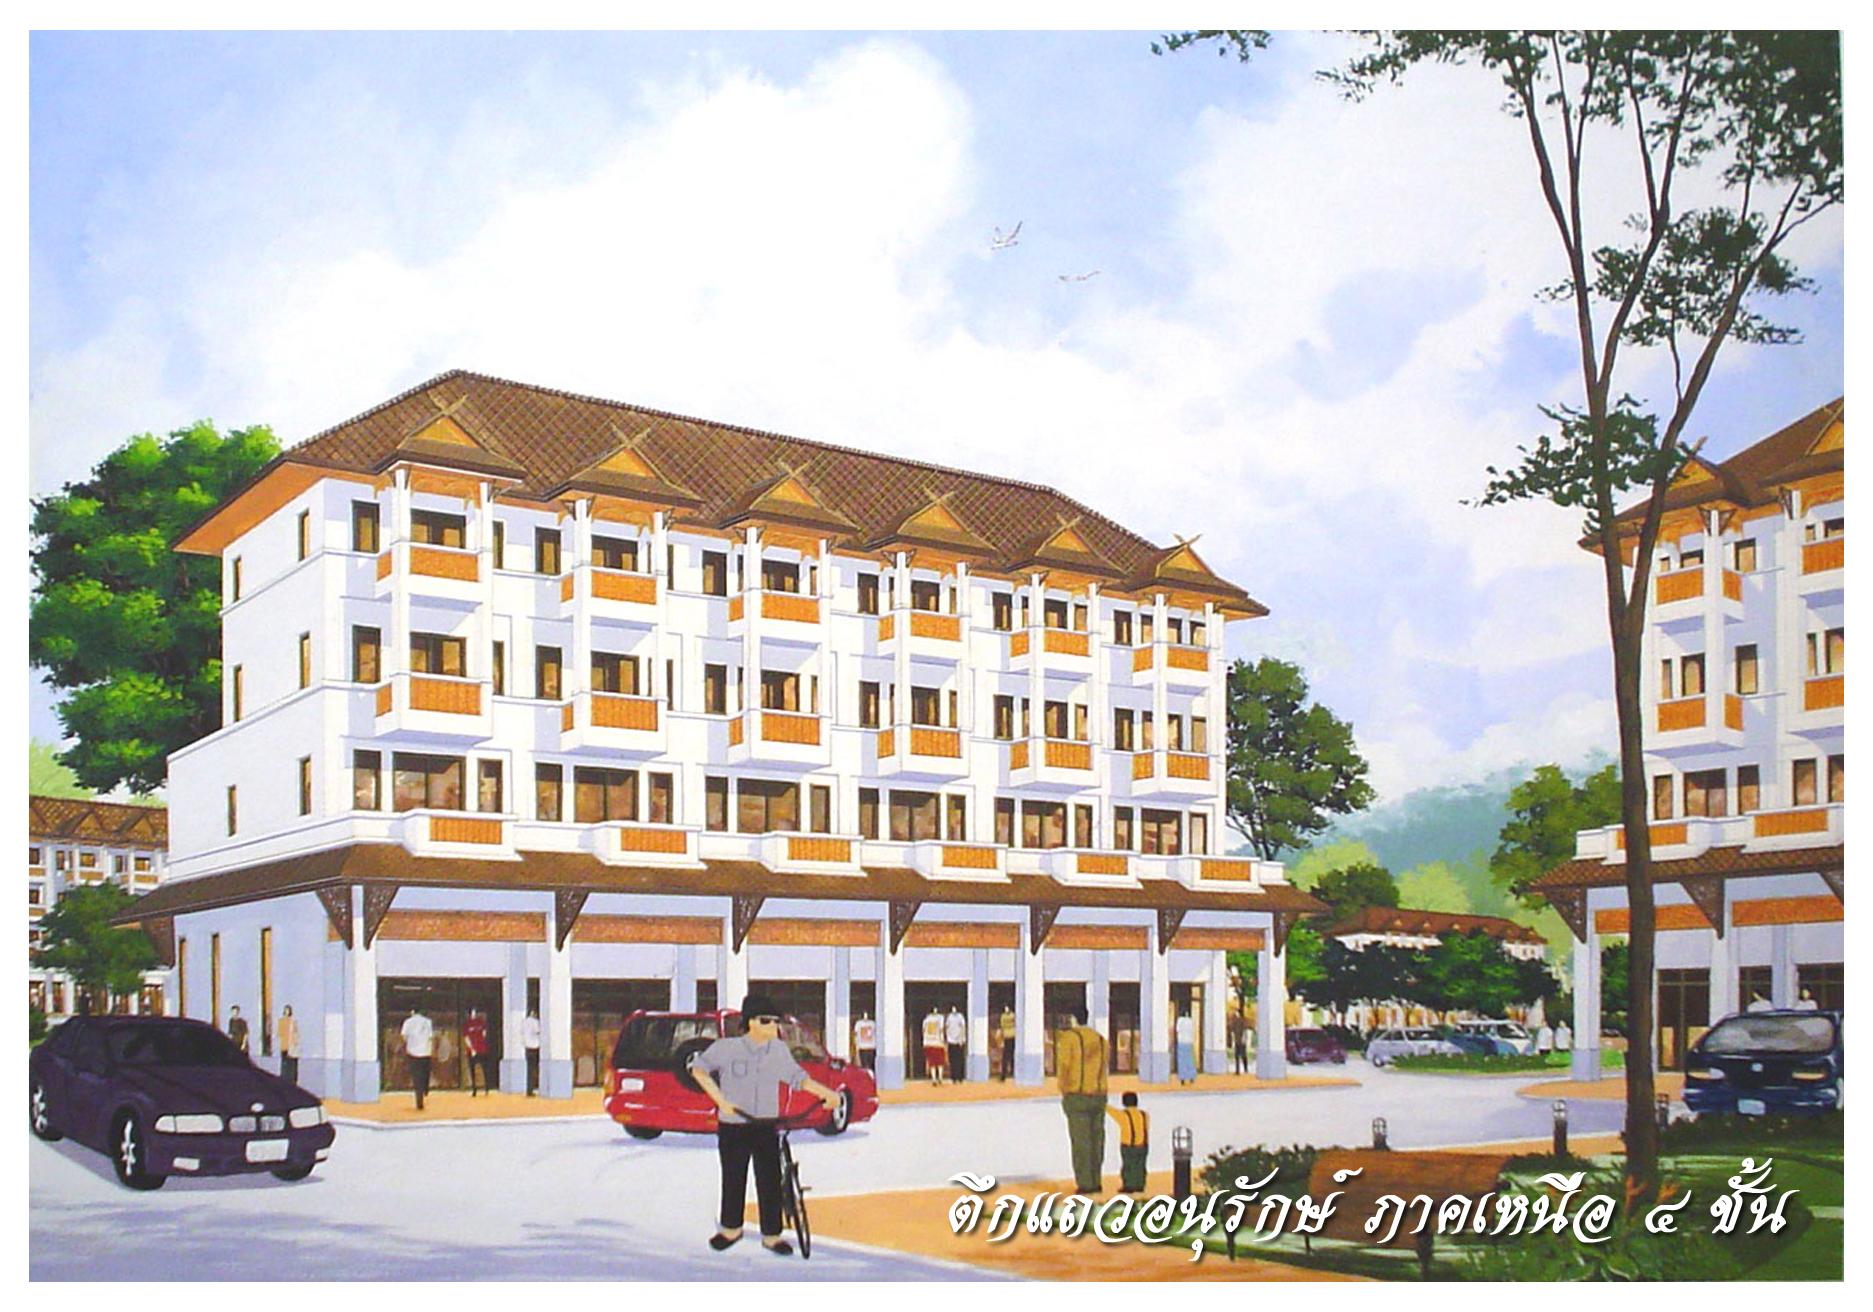 แบบแปลนตึกแถวไทยอนุรักษ์ไทยภาคเหนือ3